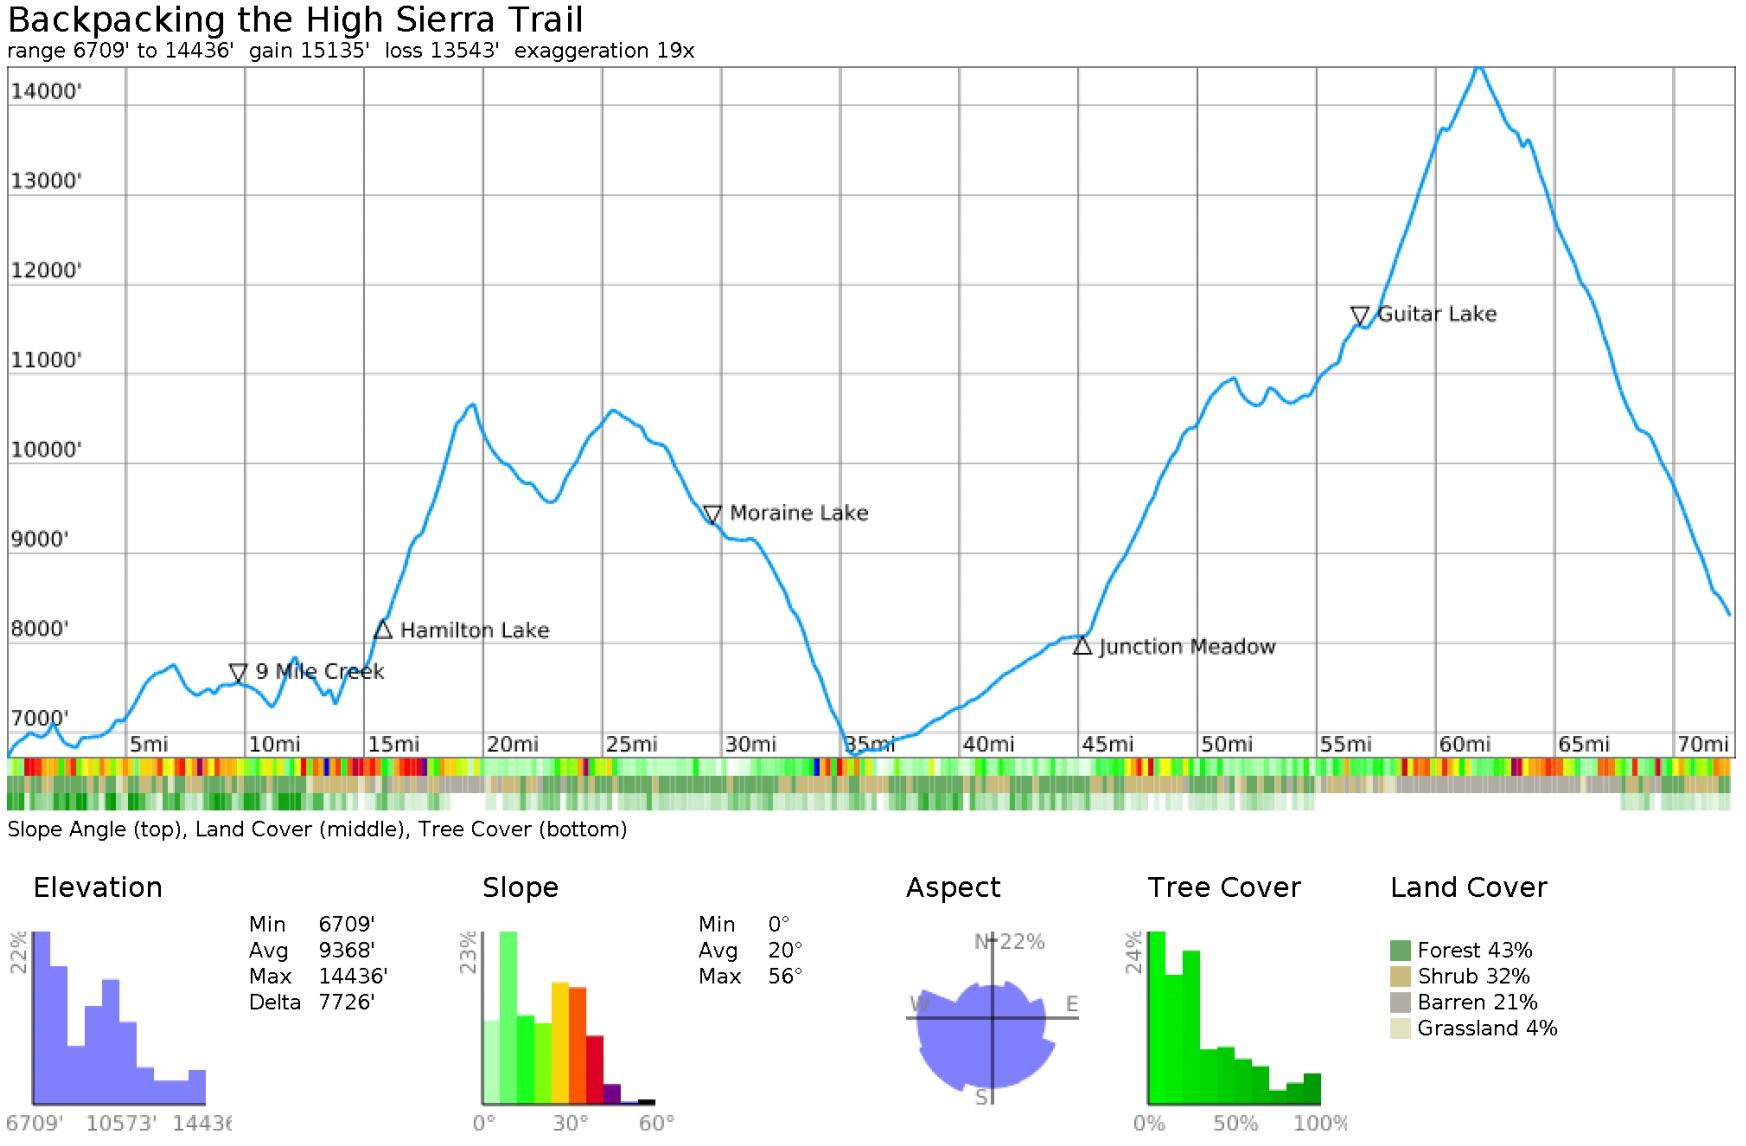 high-sierra-trail-elevation-profile